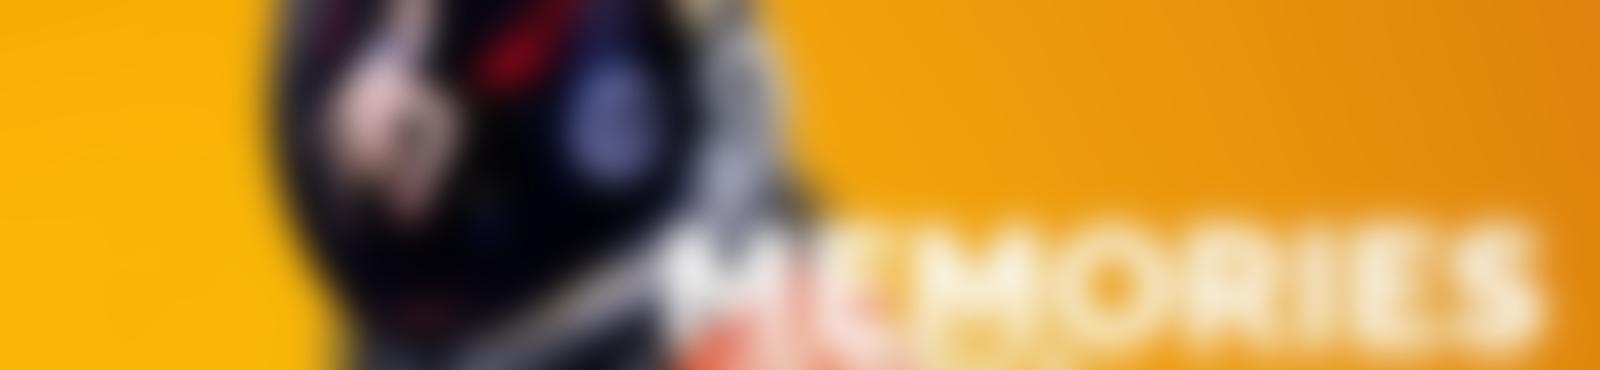 Blurred f84790ca c84c 407a a7b0 ab9731b9d43b